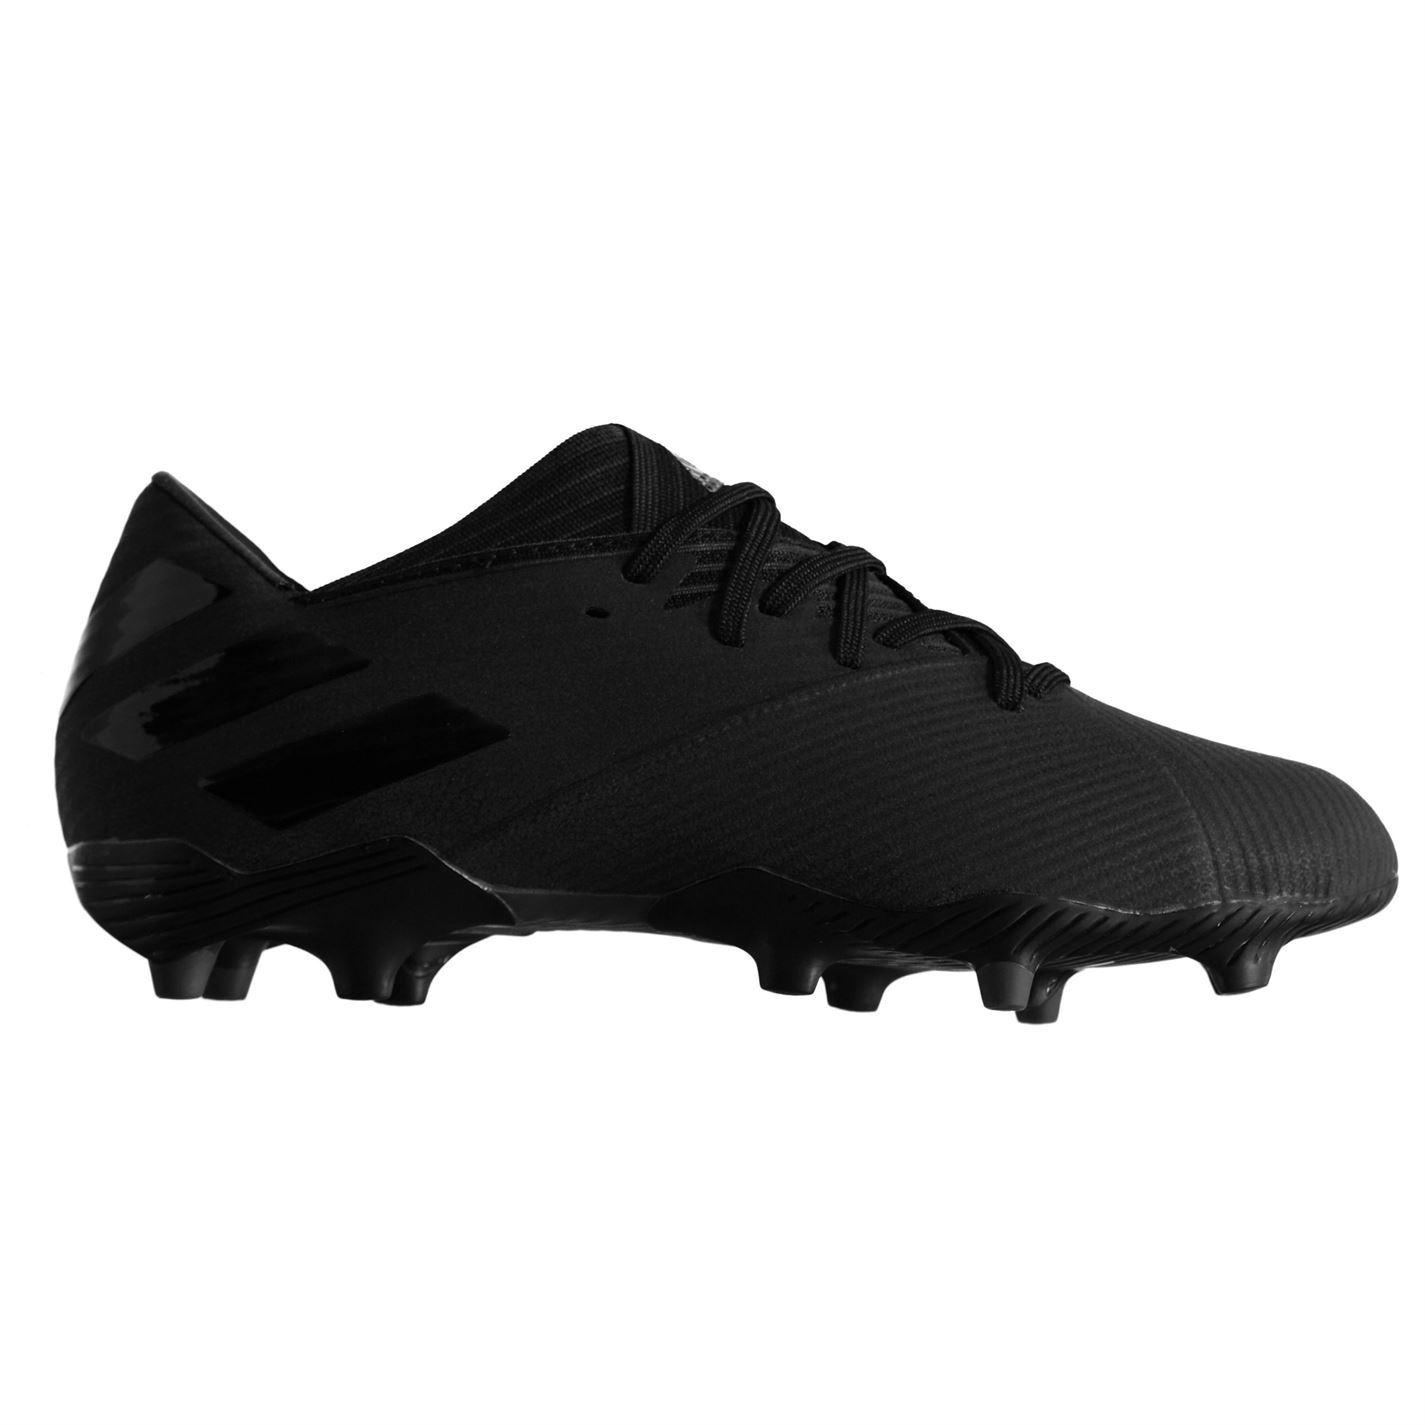 Adidas-nemeziz-19-2-Firm-Ground-FG-Chaussures-De-Football-Hommes-Soccer-Crampons-Chaussures miniature 3